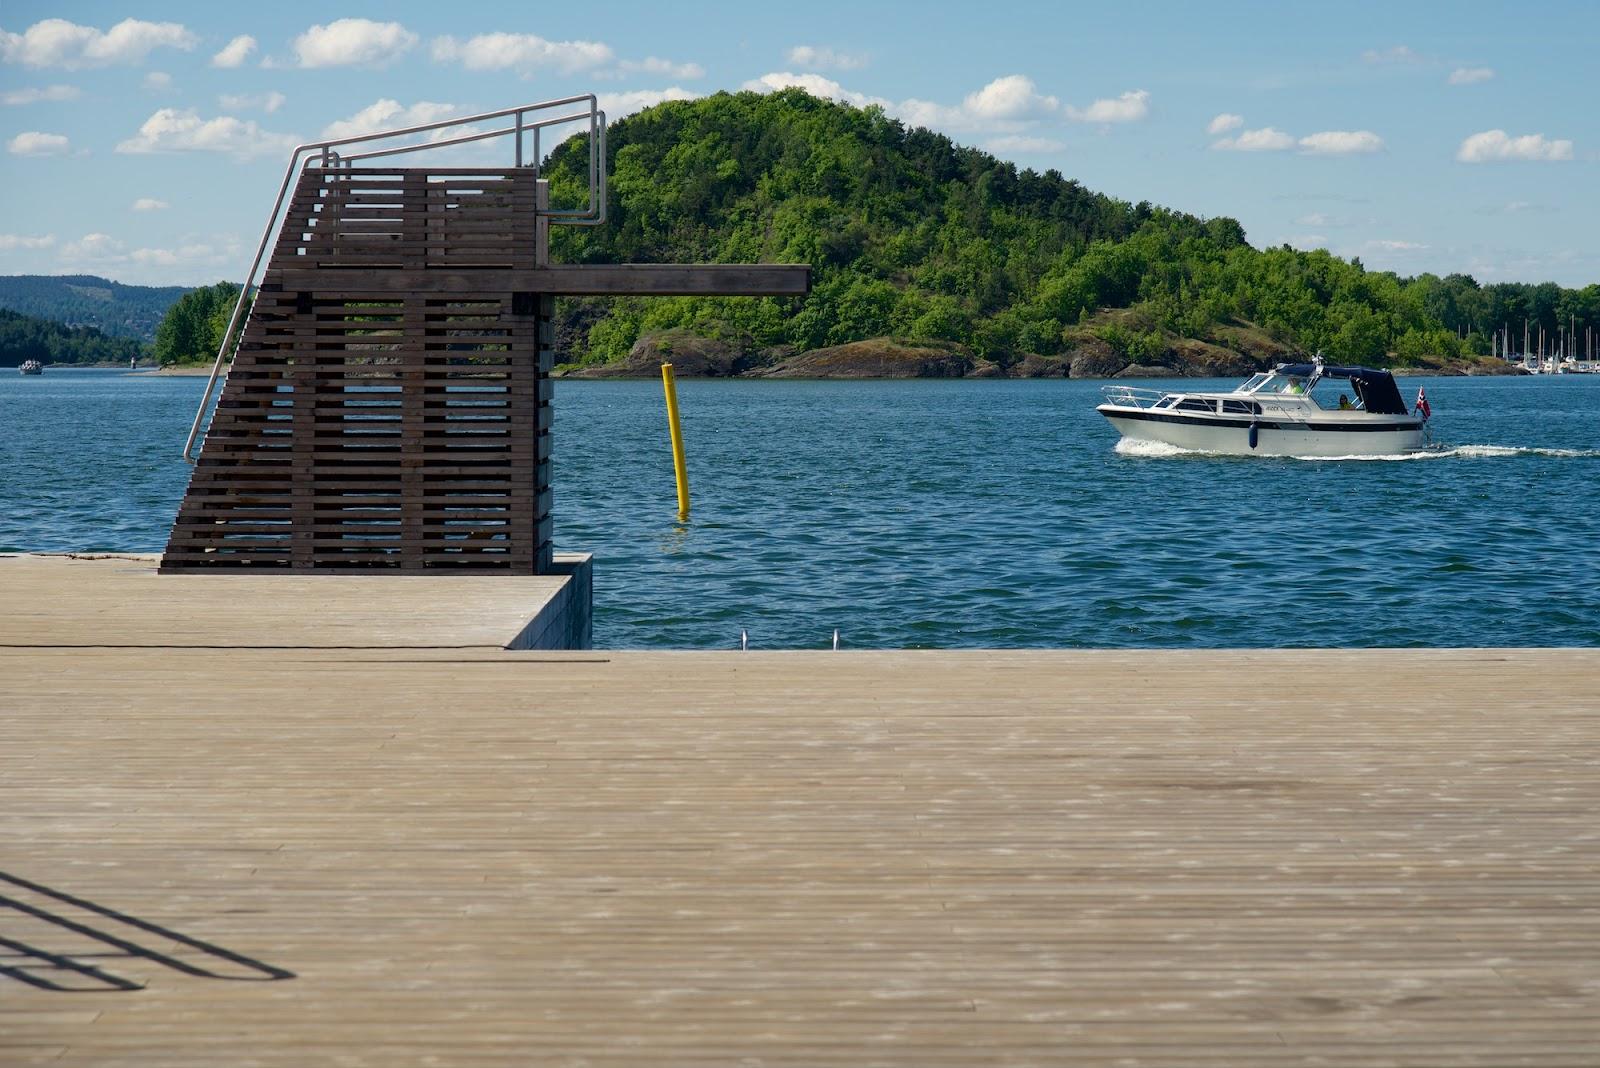 Offentlige bryggeanlegg bygget med vedlikeholdsfrie terrassebord